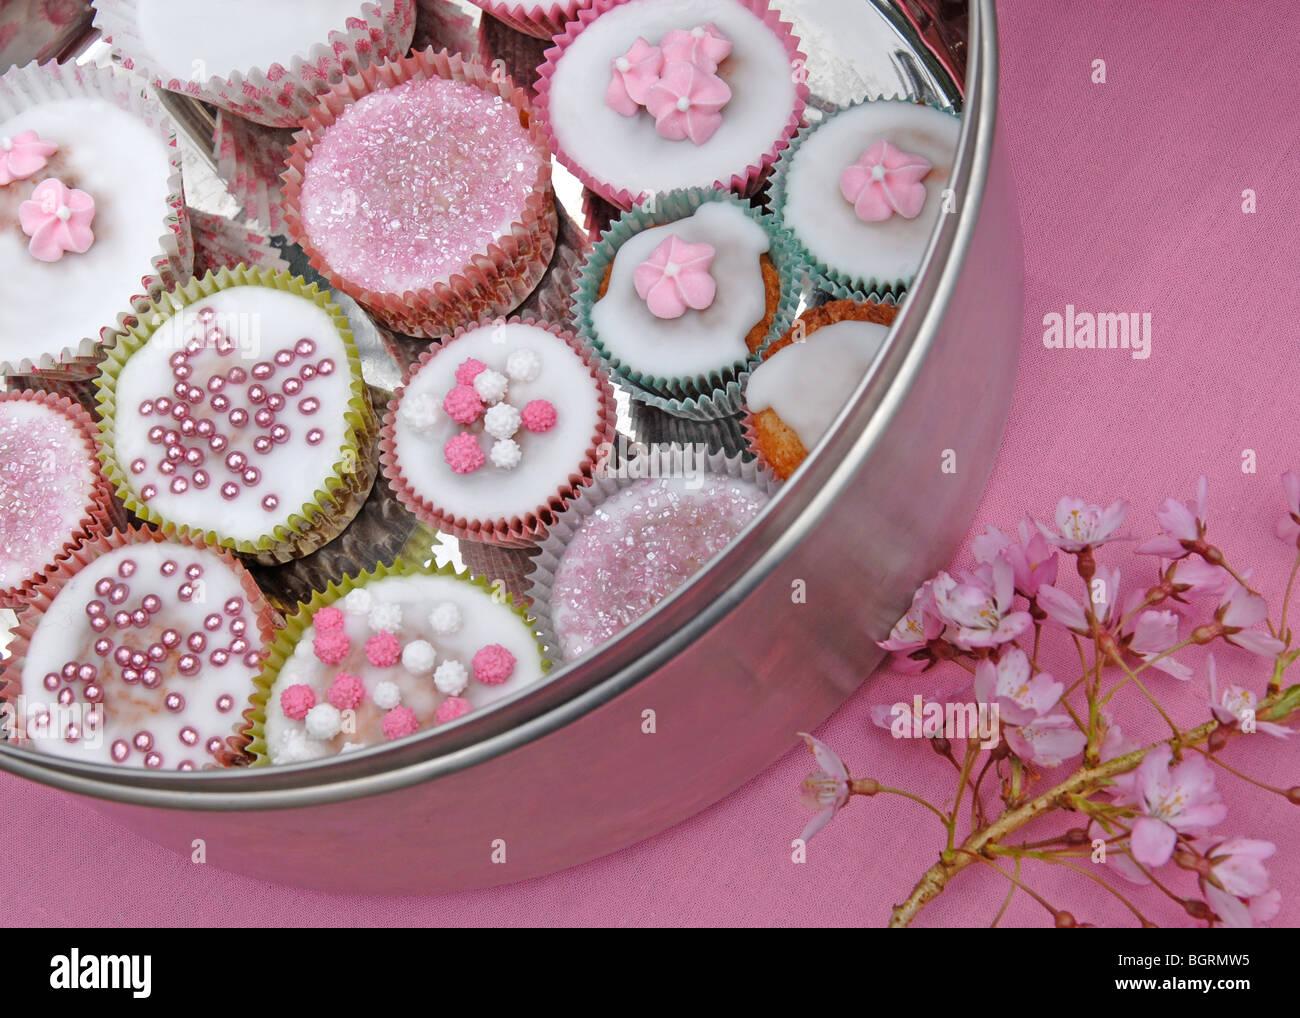 Gâteau d'argent décoré avec des gâteaux de fées sur fond rose avec fleur de cerisier Photo Stock